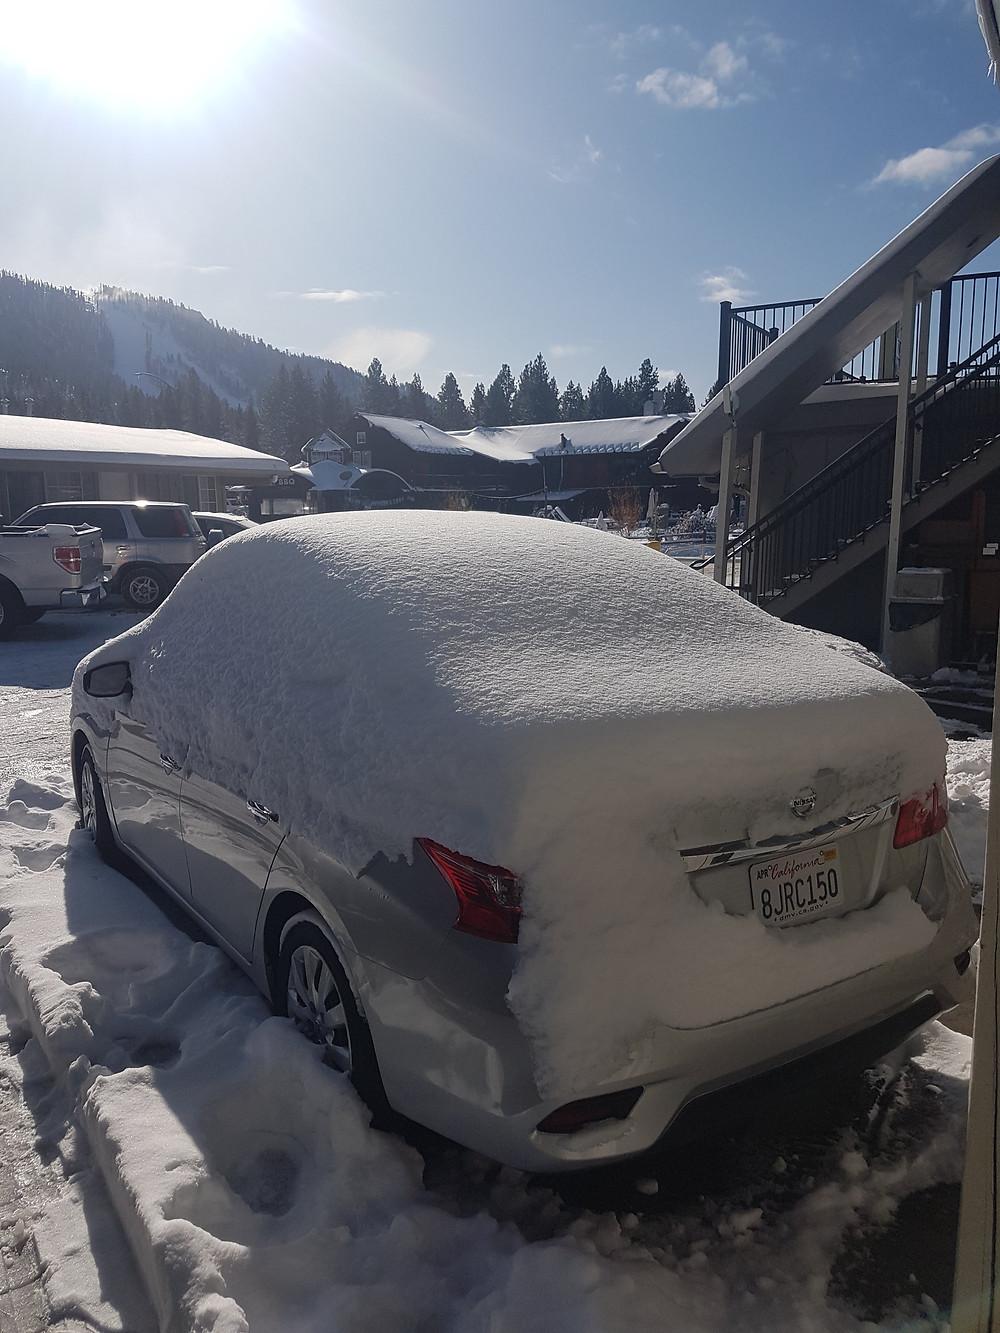 My rental car parked at Lake Tahoe